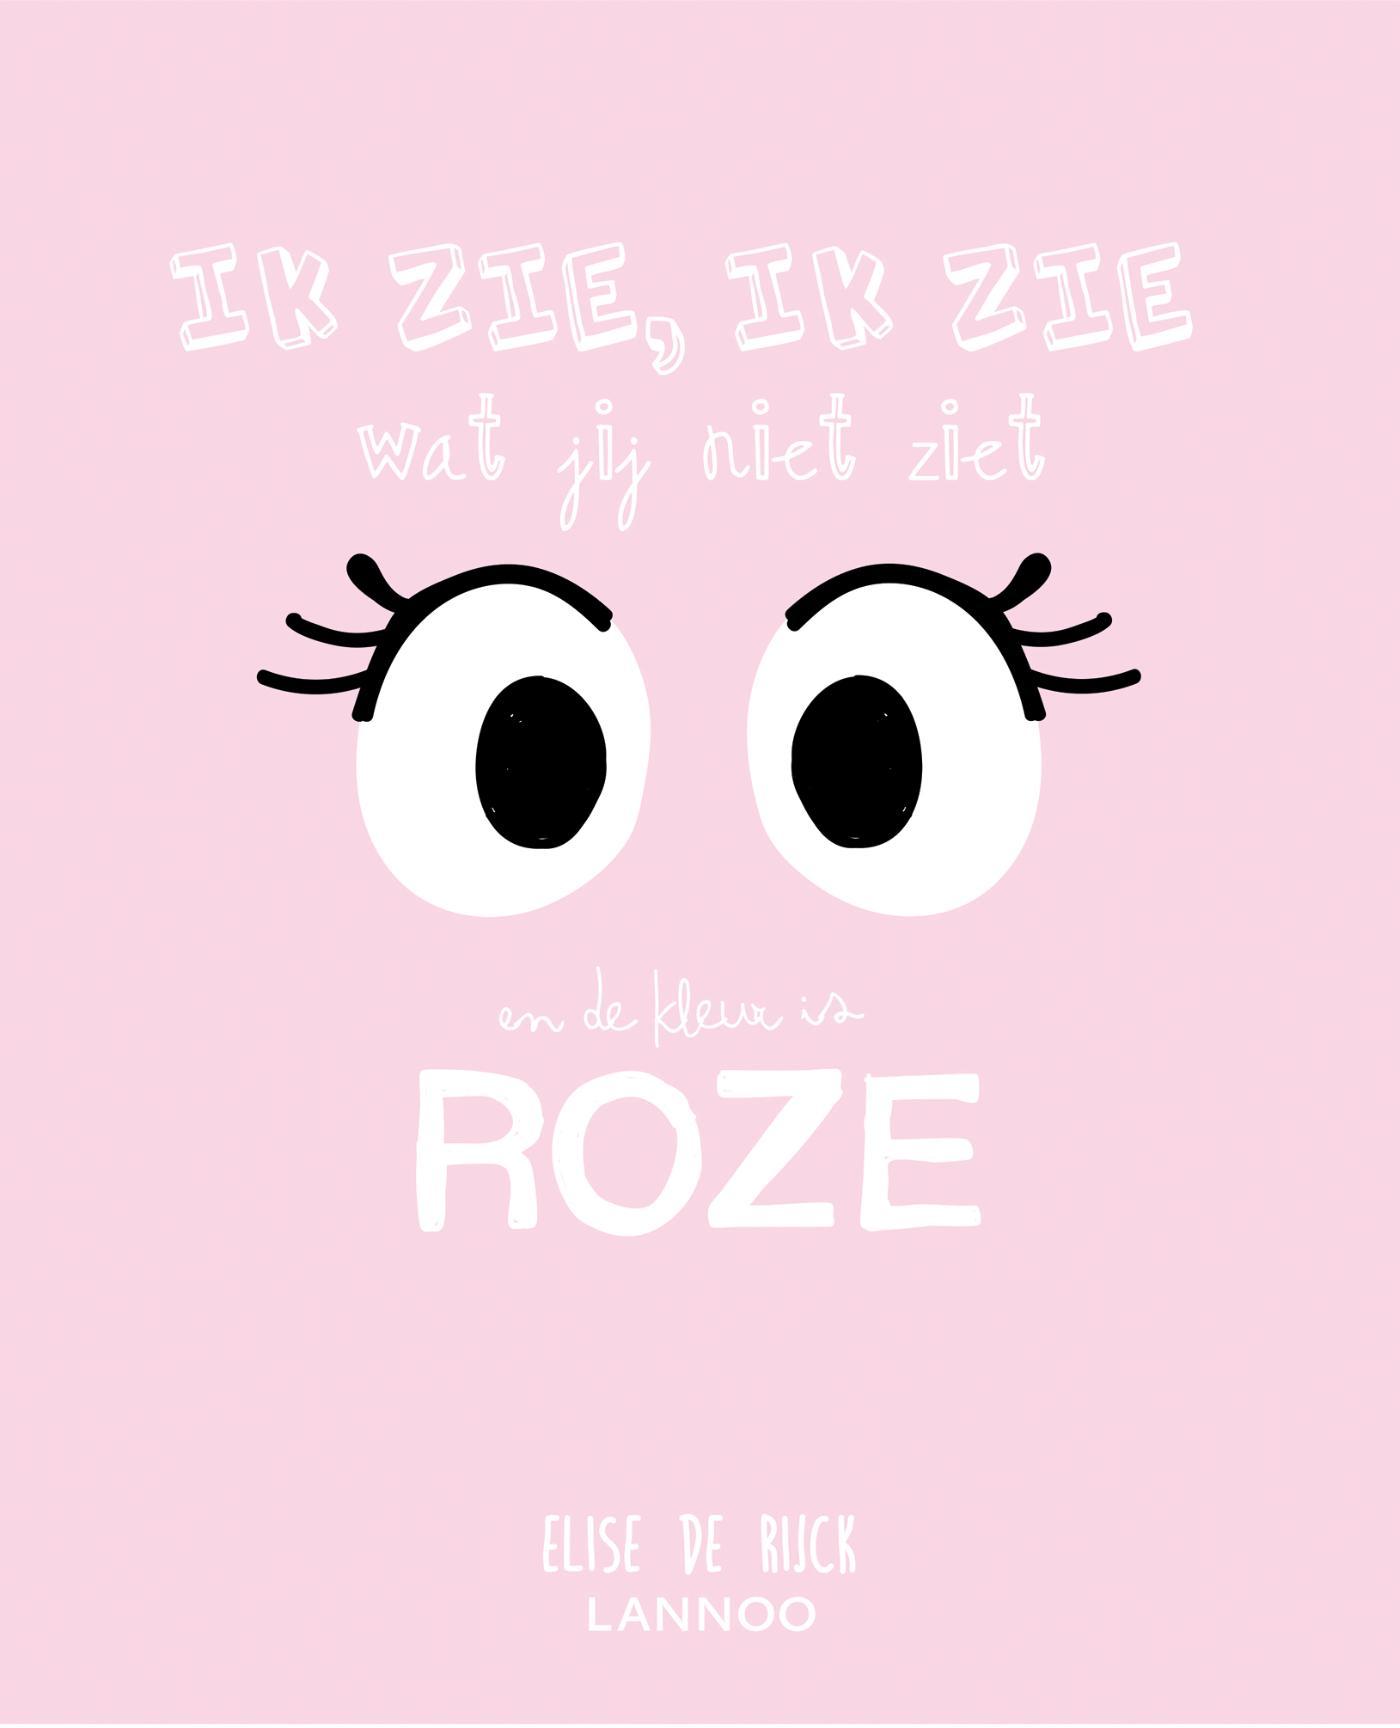 Ik zie, ik zie wat jij niet ziet en het is ... roze